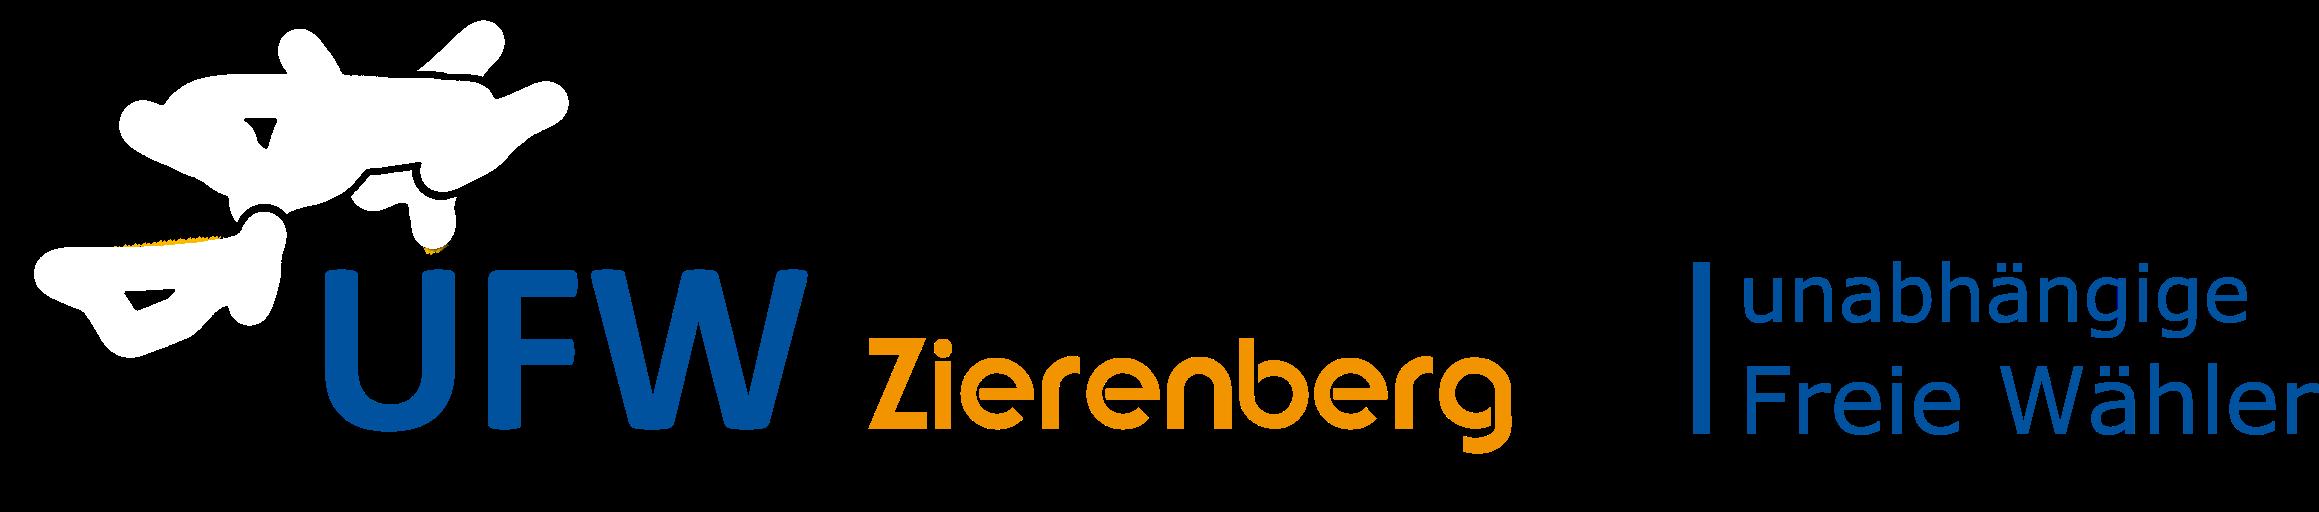 UFW Zierenberg